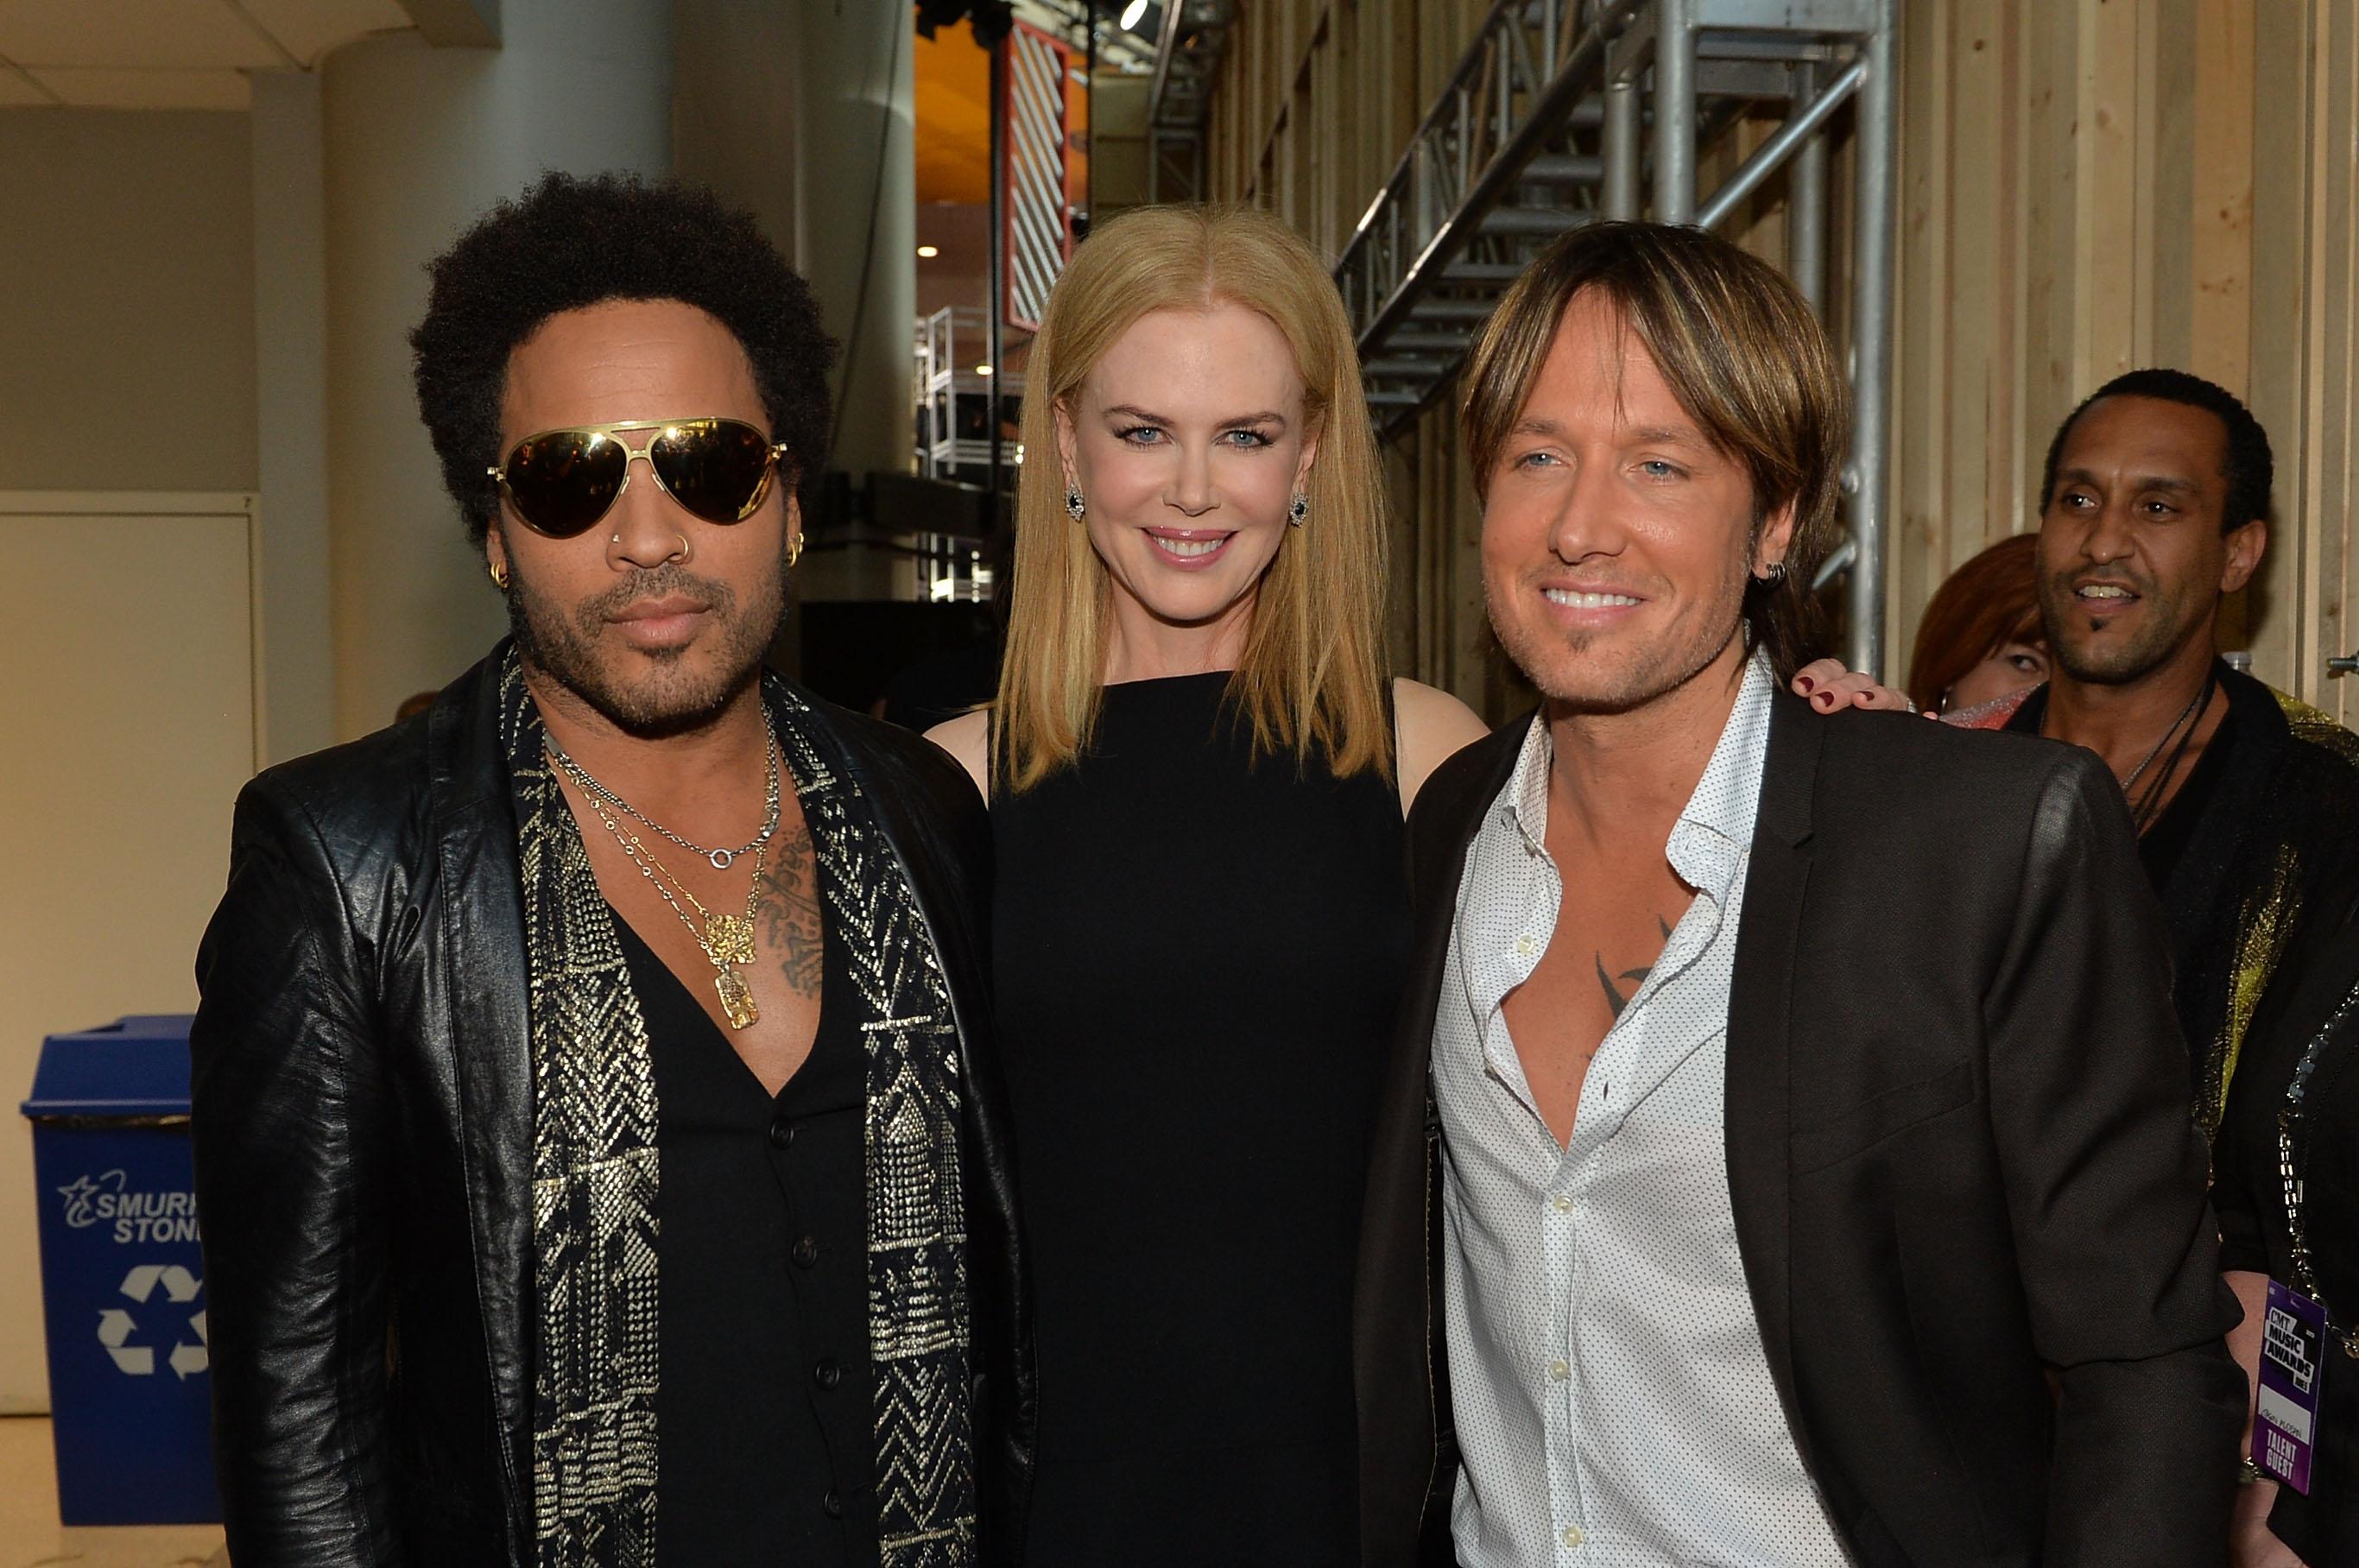 Lenny-Kravitz-Nicole-Kidman-Keith-Urban